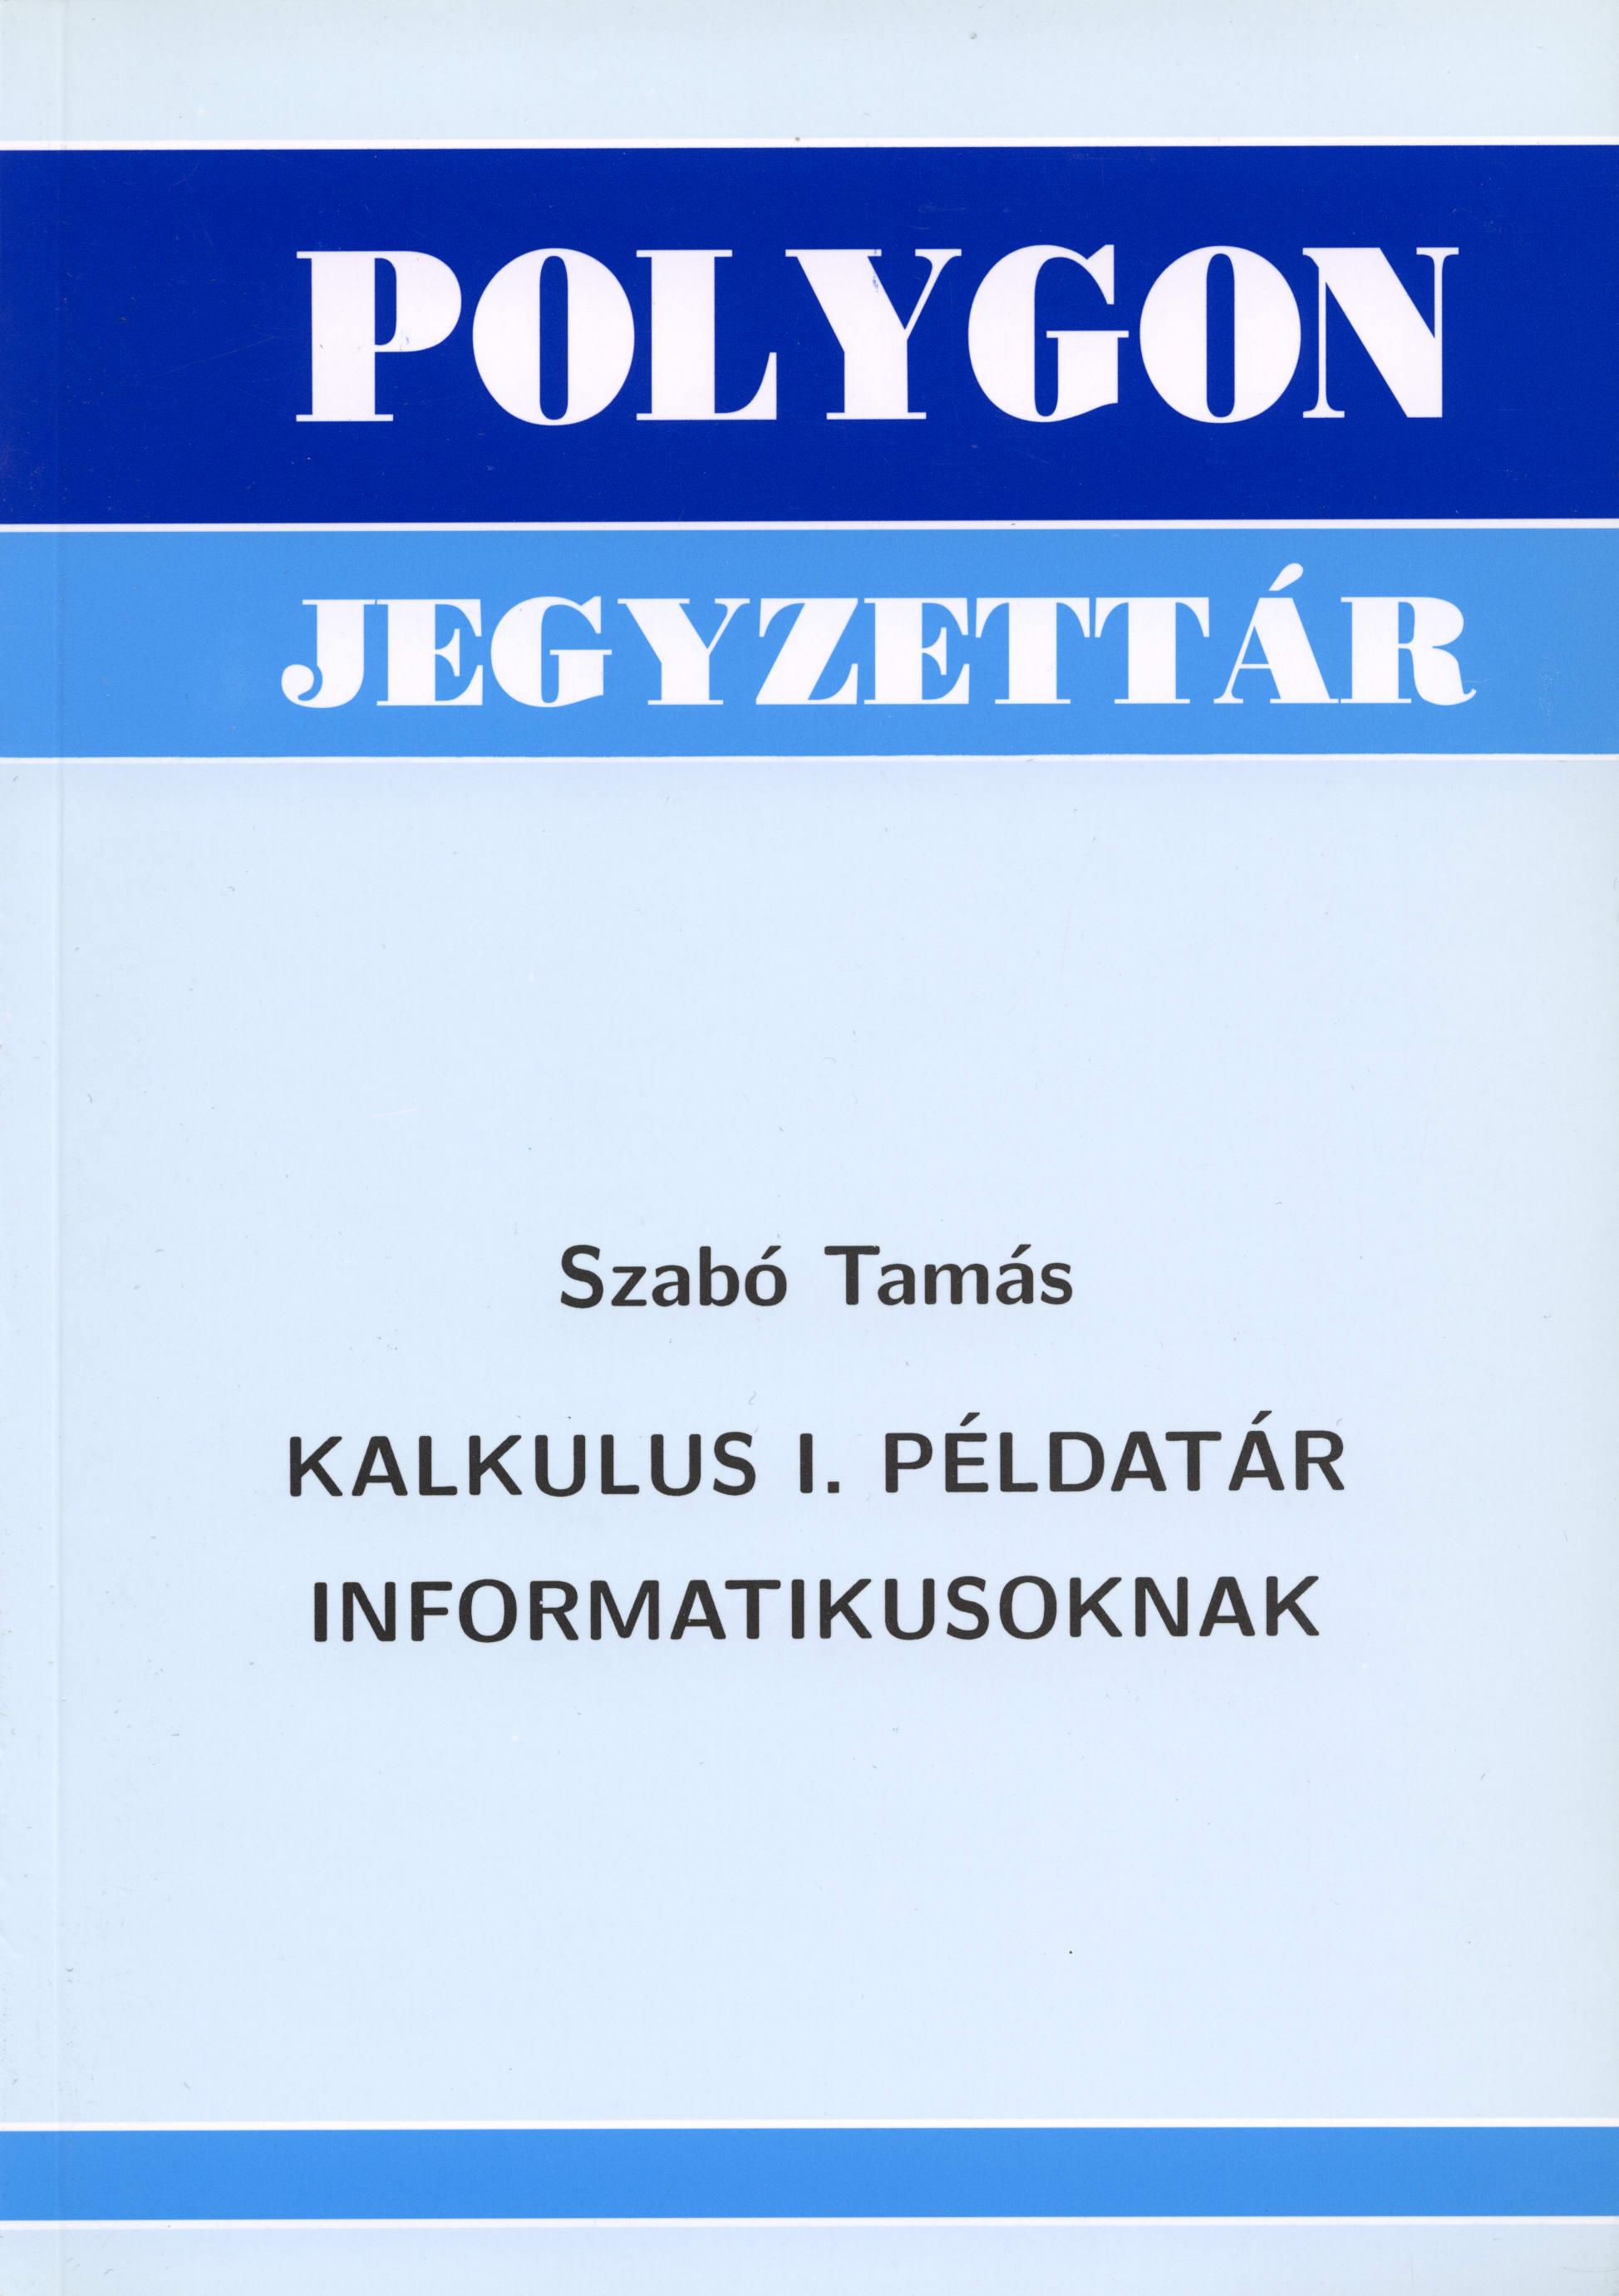 Kalkulus I. példatár informatikusoknak - Polygon jegyzet